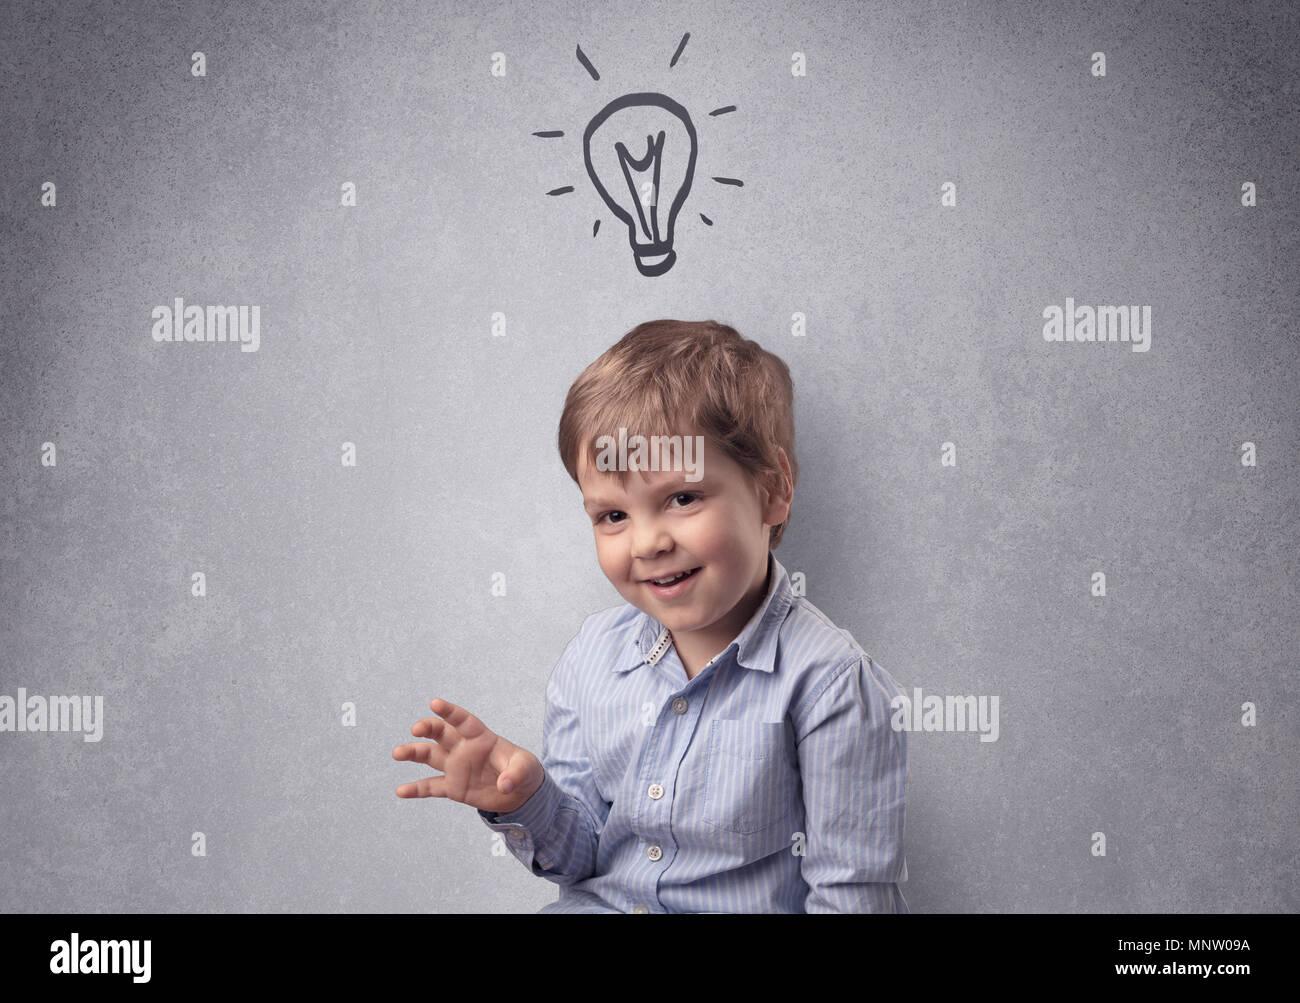 Poco inteligente junior en frente de una pared gris elaborado con concepto infantiles Imagen De Stock